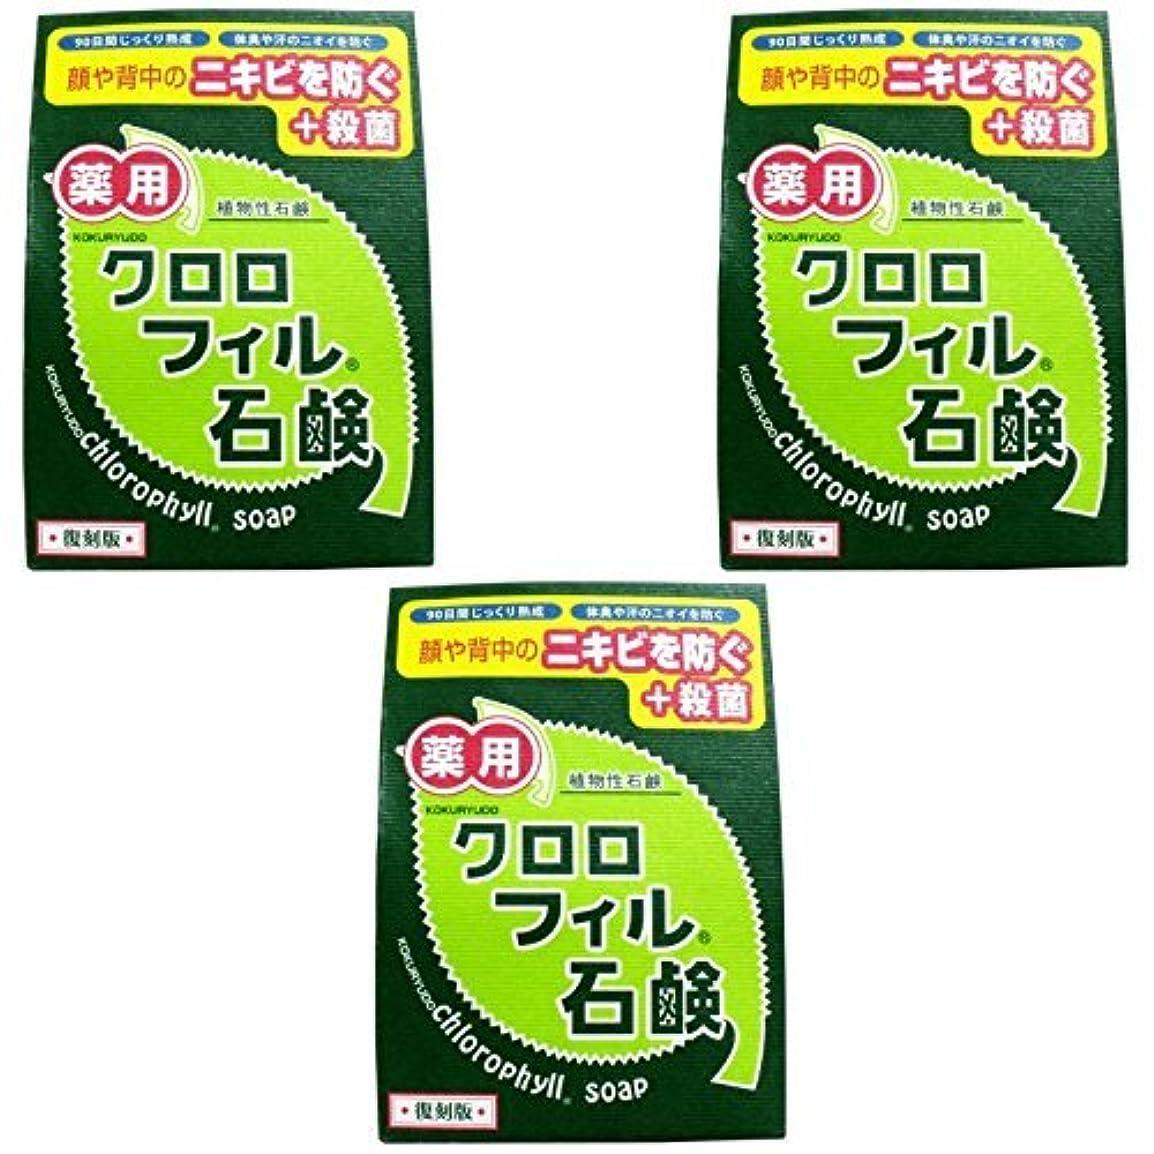 くさびトレーダーどれでも【まとめ買い】クロロフィル石鹸 復刻版 85g (医薬部外品)【×3個】